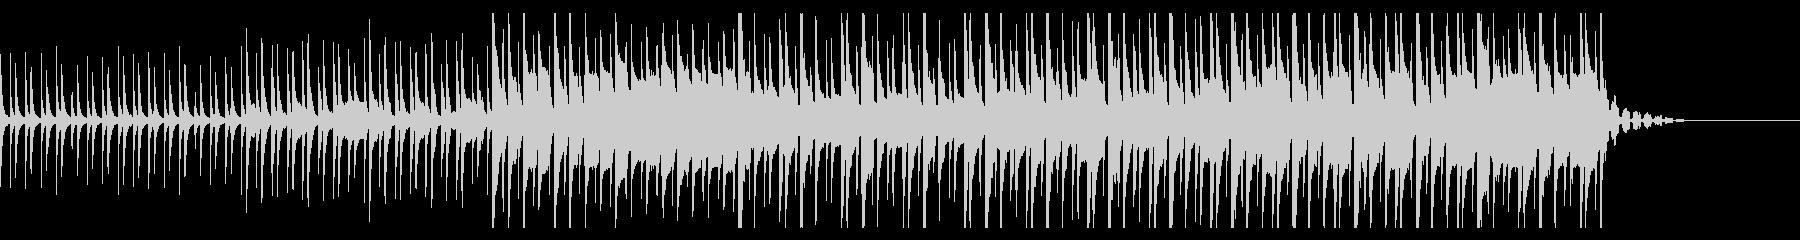 不気味なイメージのすこし変な曲の未再生の波形